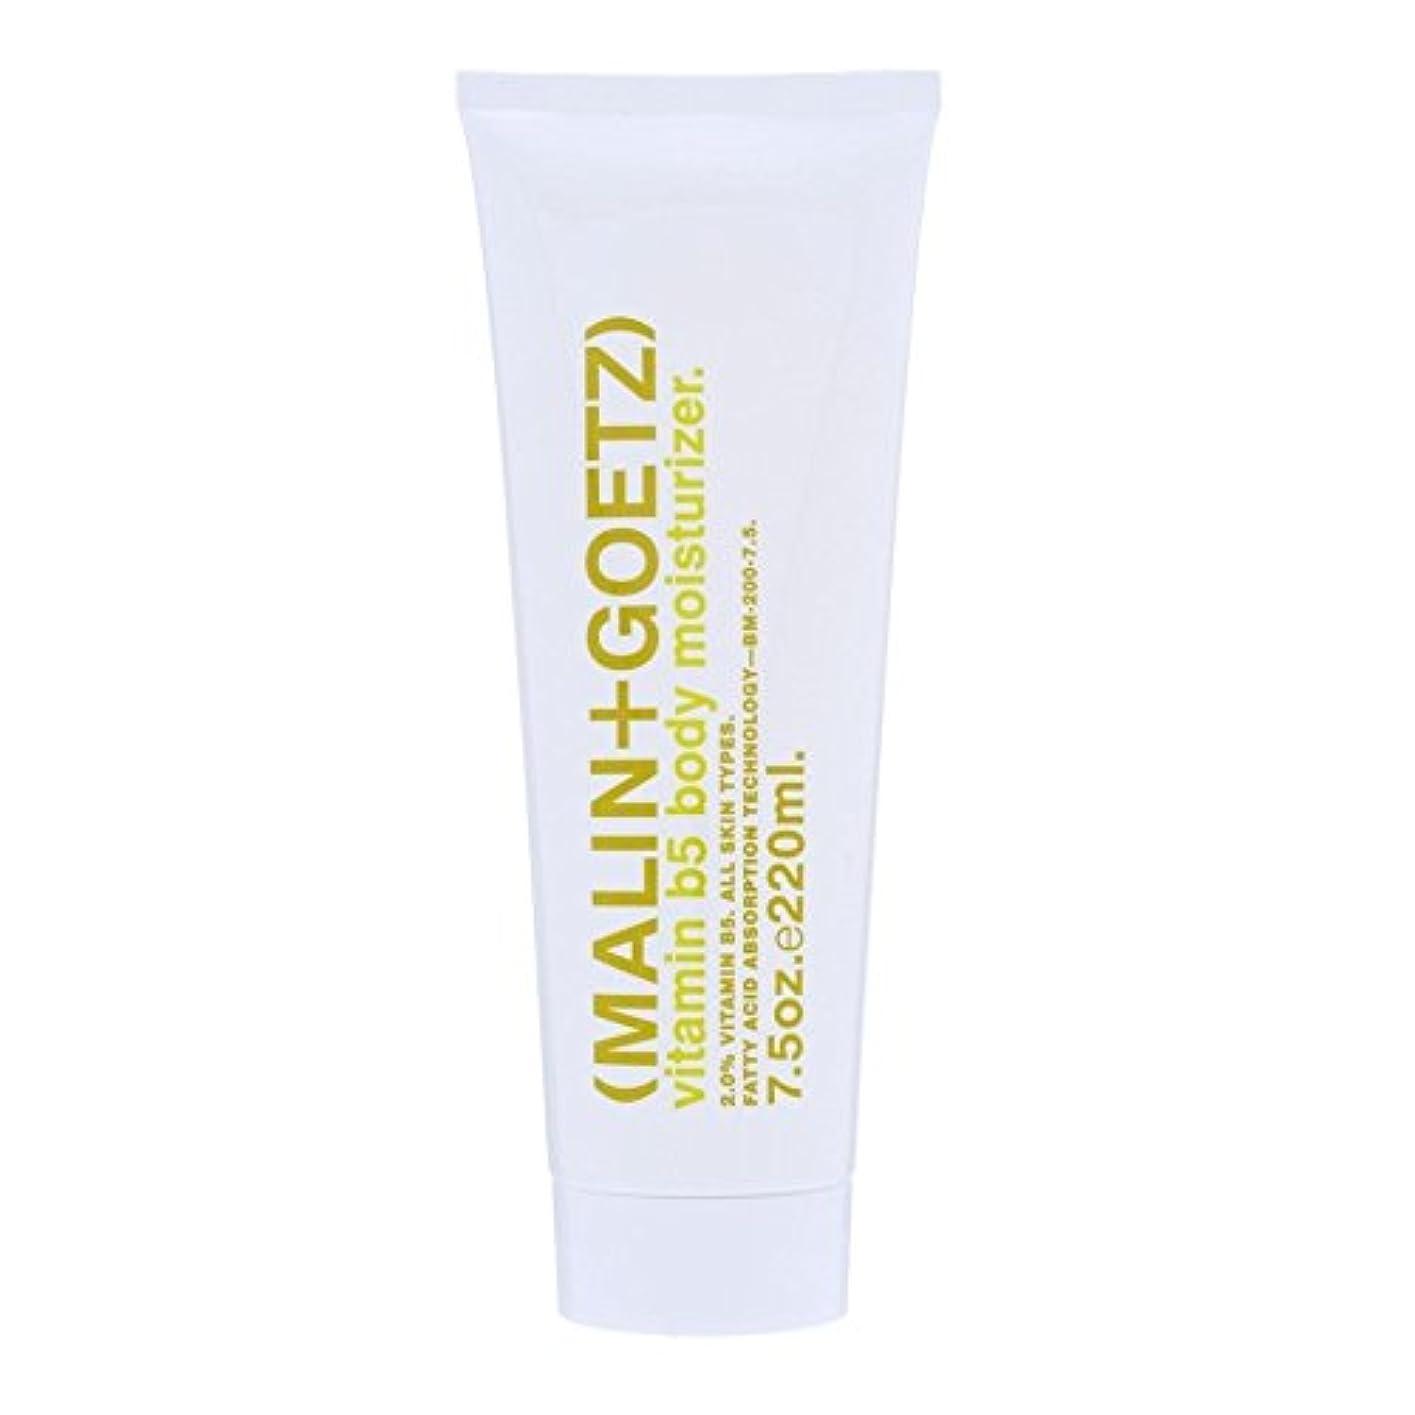 ストリームデジタルコール(MALIN+GOETZ) Vitamin B5 Body Moisturiser 220ml - (マリン+ゲッツ)ビタミン5ボディモイスチャライザーの220ミリリットル [並行輸入品]